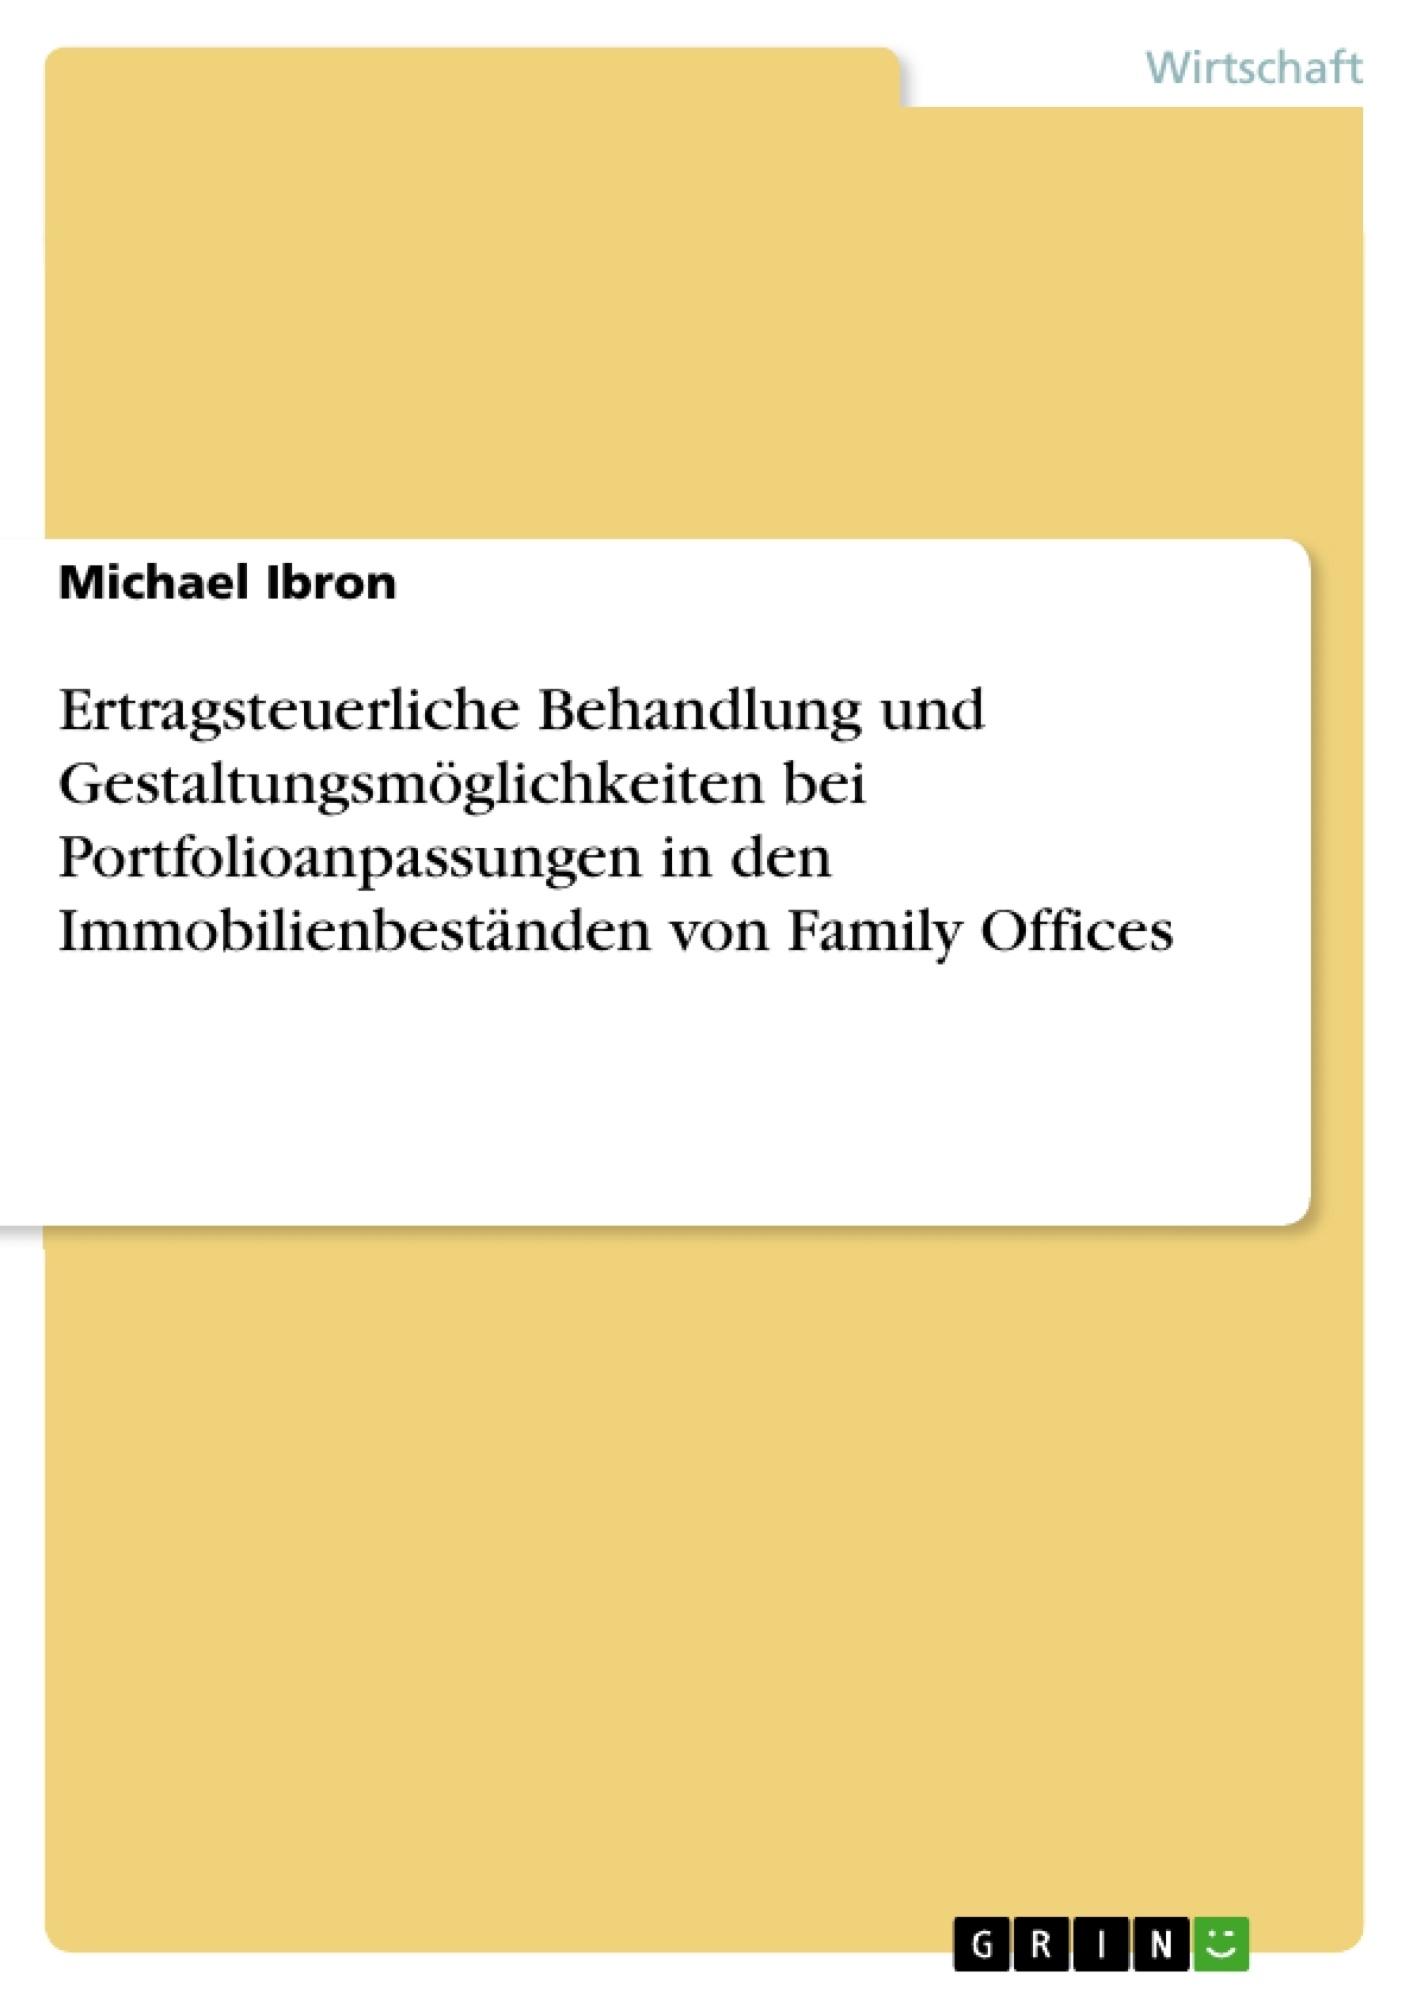 Titel: Ertragsteuerliche Behandlung und Gestaltungsmöglichkeiten bei Portfolioanpassungen in den Immobilienbeständen von Family Offices